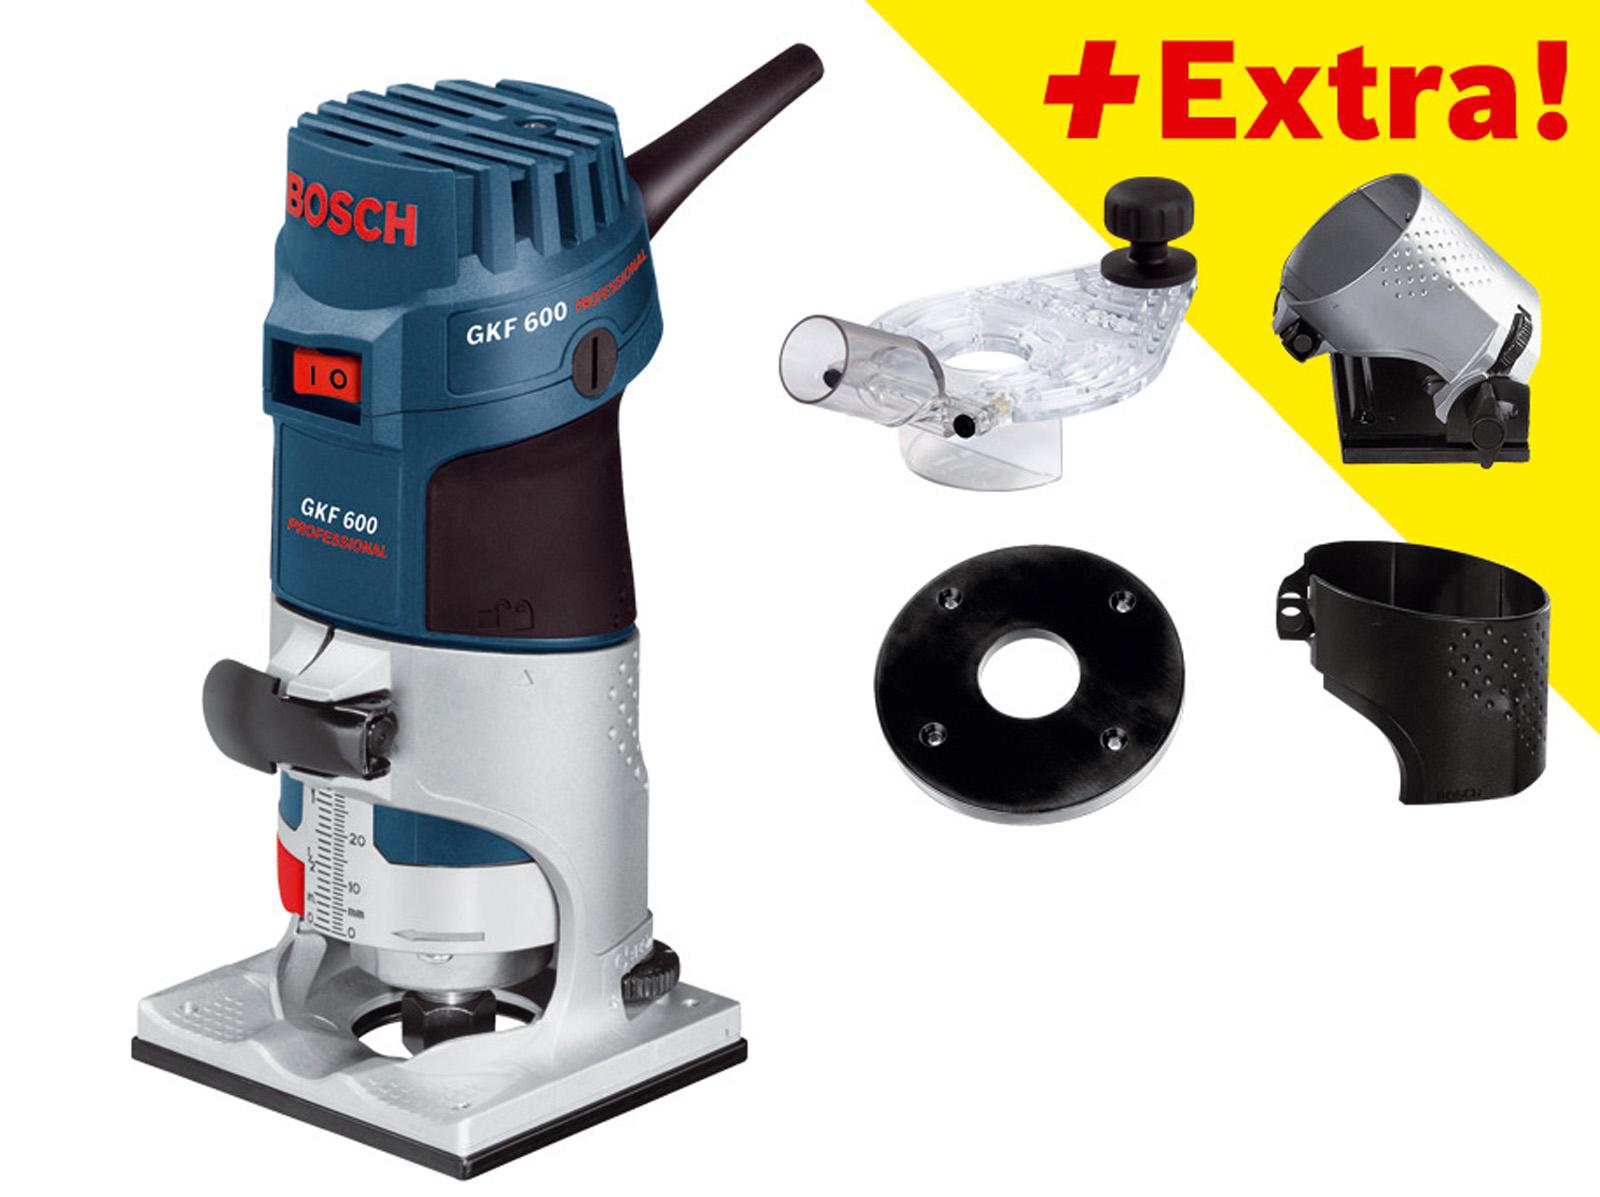 Кромочный фрезер Bosch Gkf 600 + ОСНАСТКА(0.601.60a.101) bosch gkf 600 professional 060160a101